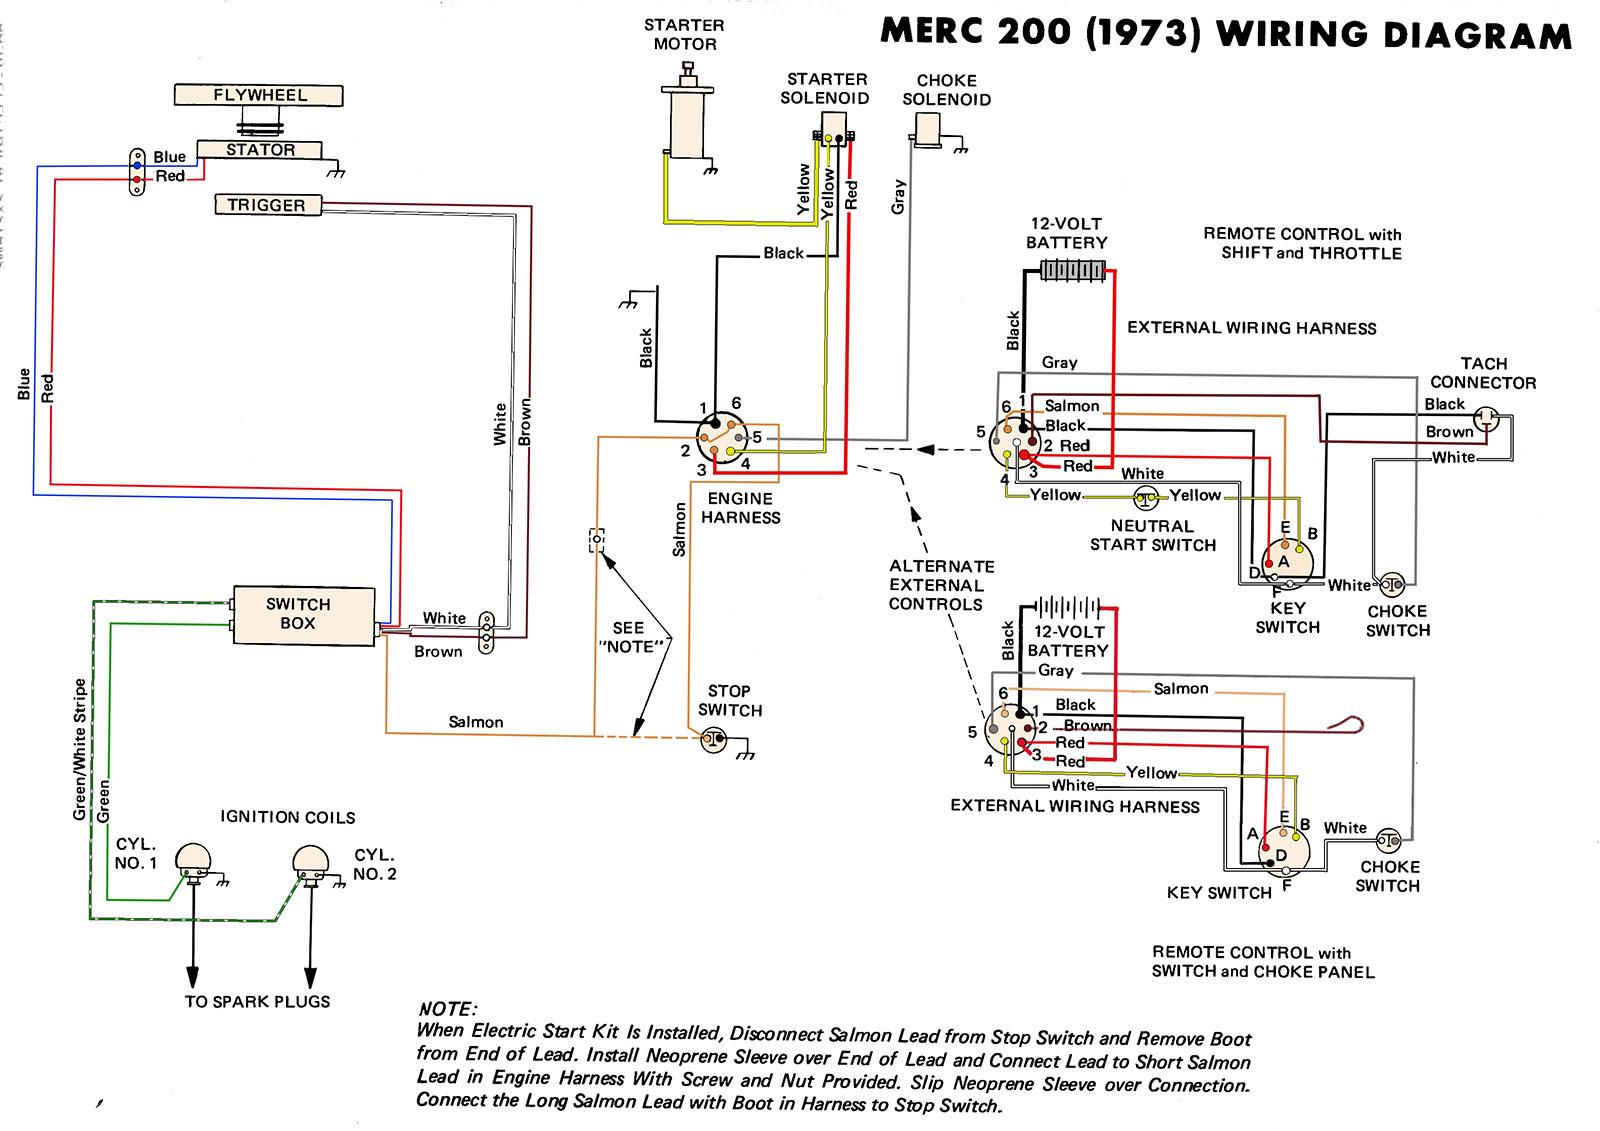 mercruiser wiring harness diagram wiring diagram4 cylinder mercruiser wiring harness diagram carbonvote mudit blog \\u20224 cylinder mercruiser wiring harness diagram